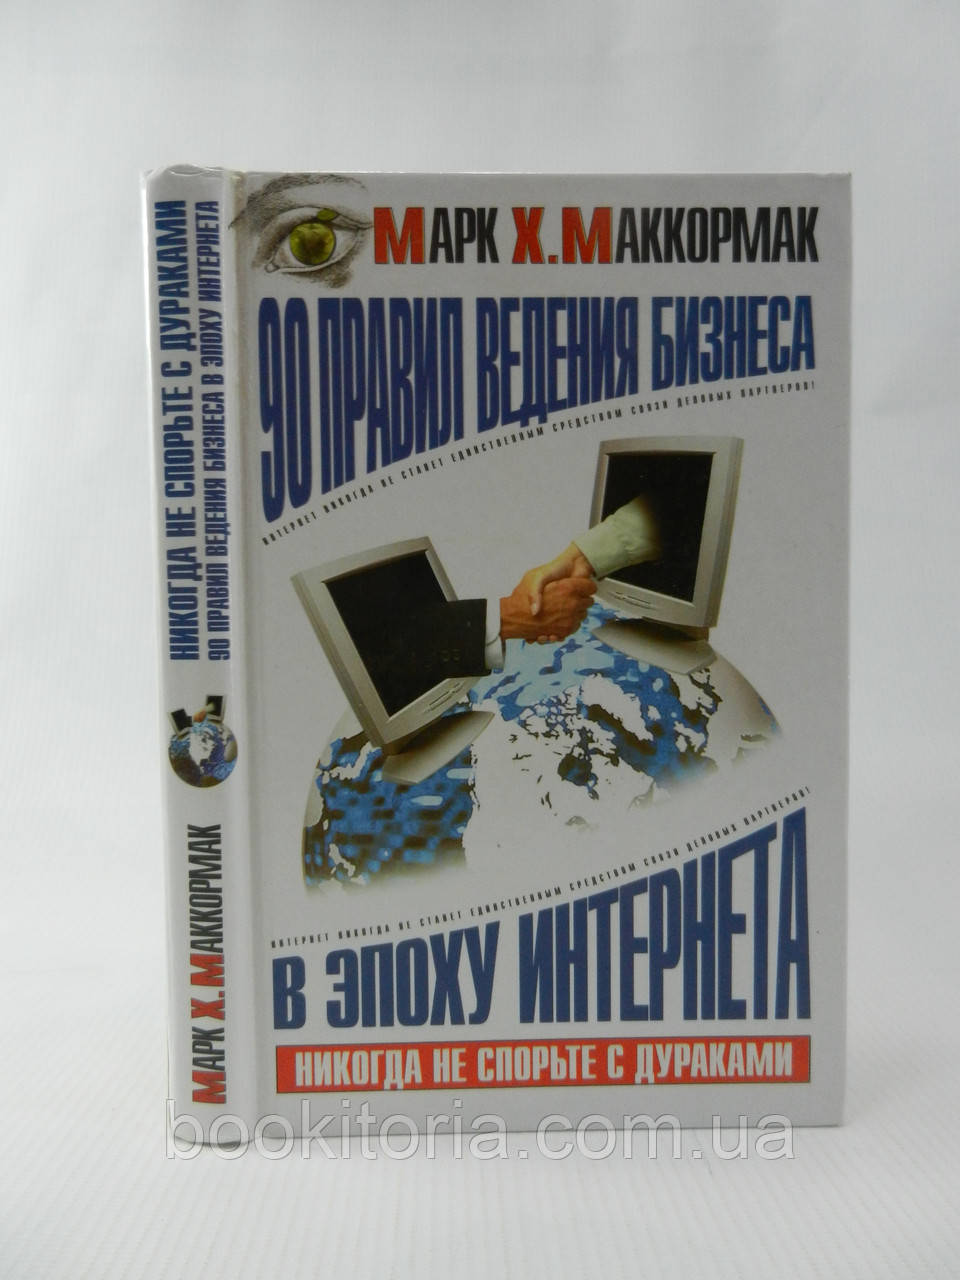 Маккормак М. 90 правил ведения бизнеса в эпоху Интернета (б/у).